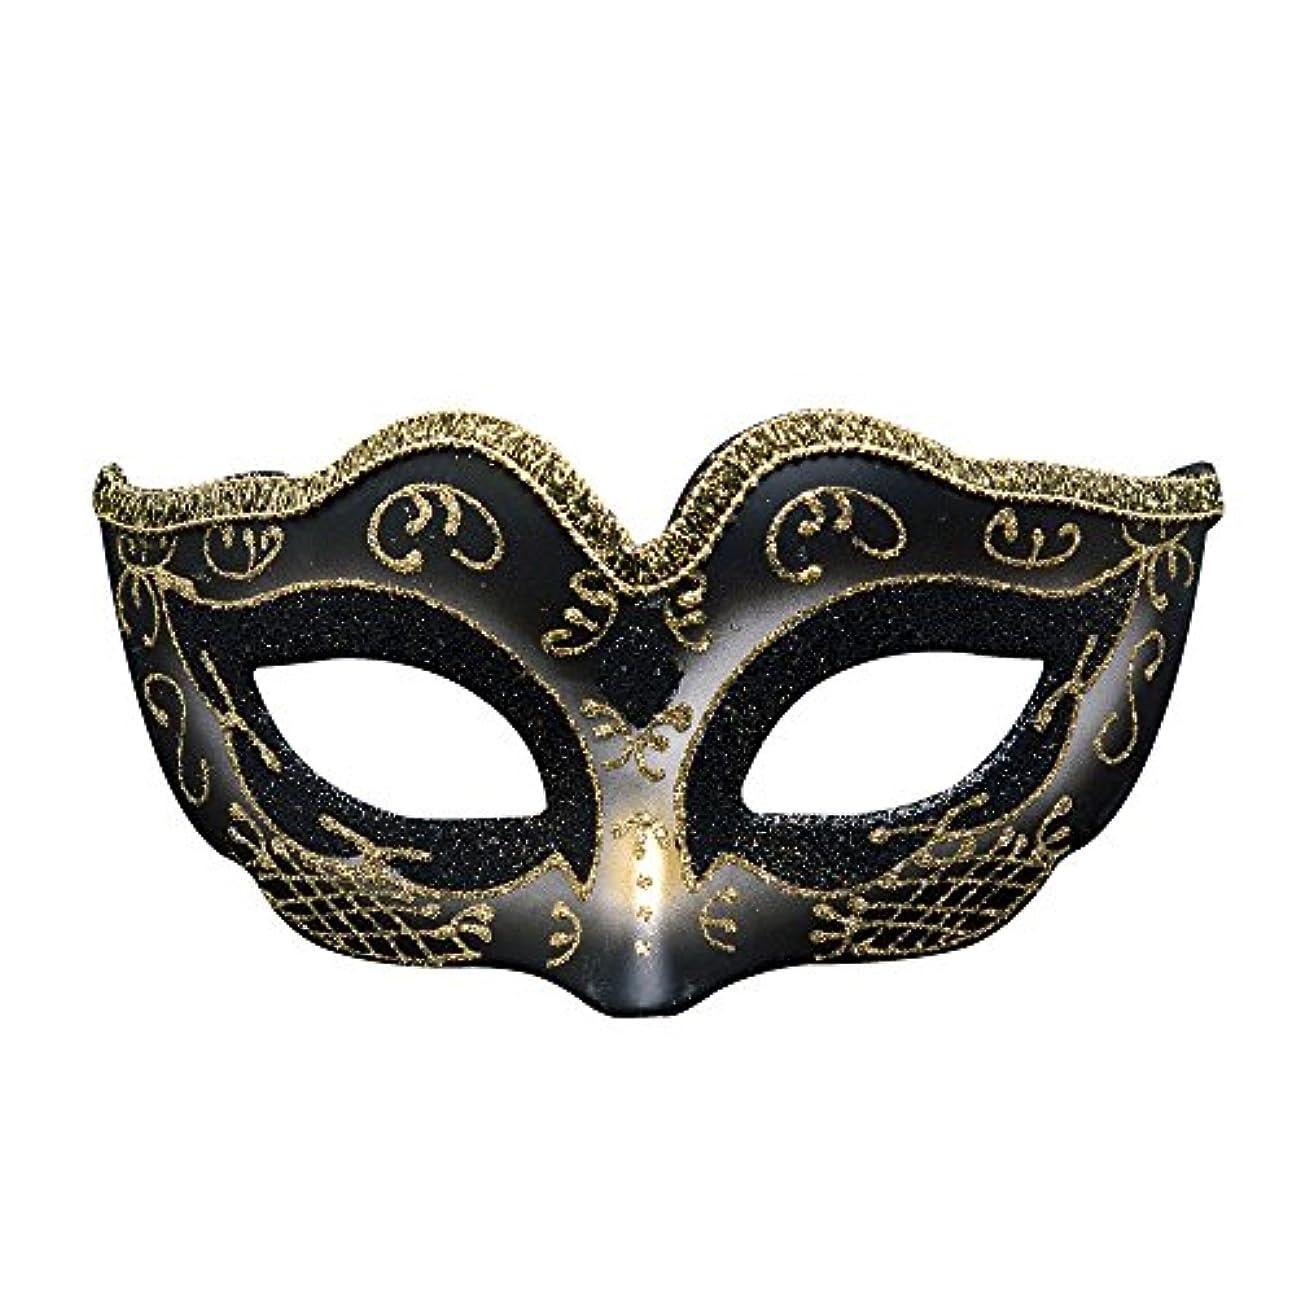 クリープあるマオリクリエイティブカスタム子供のなりすましパーティーハロウィーンマスククリスマス雰囲気マスク (Color : C)